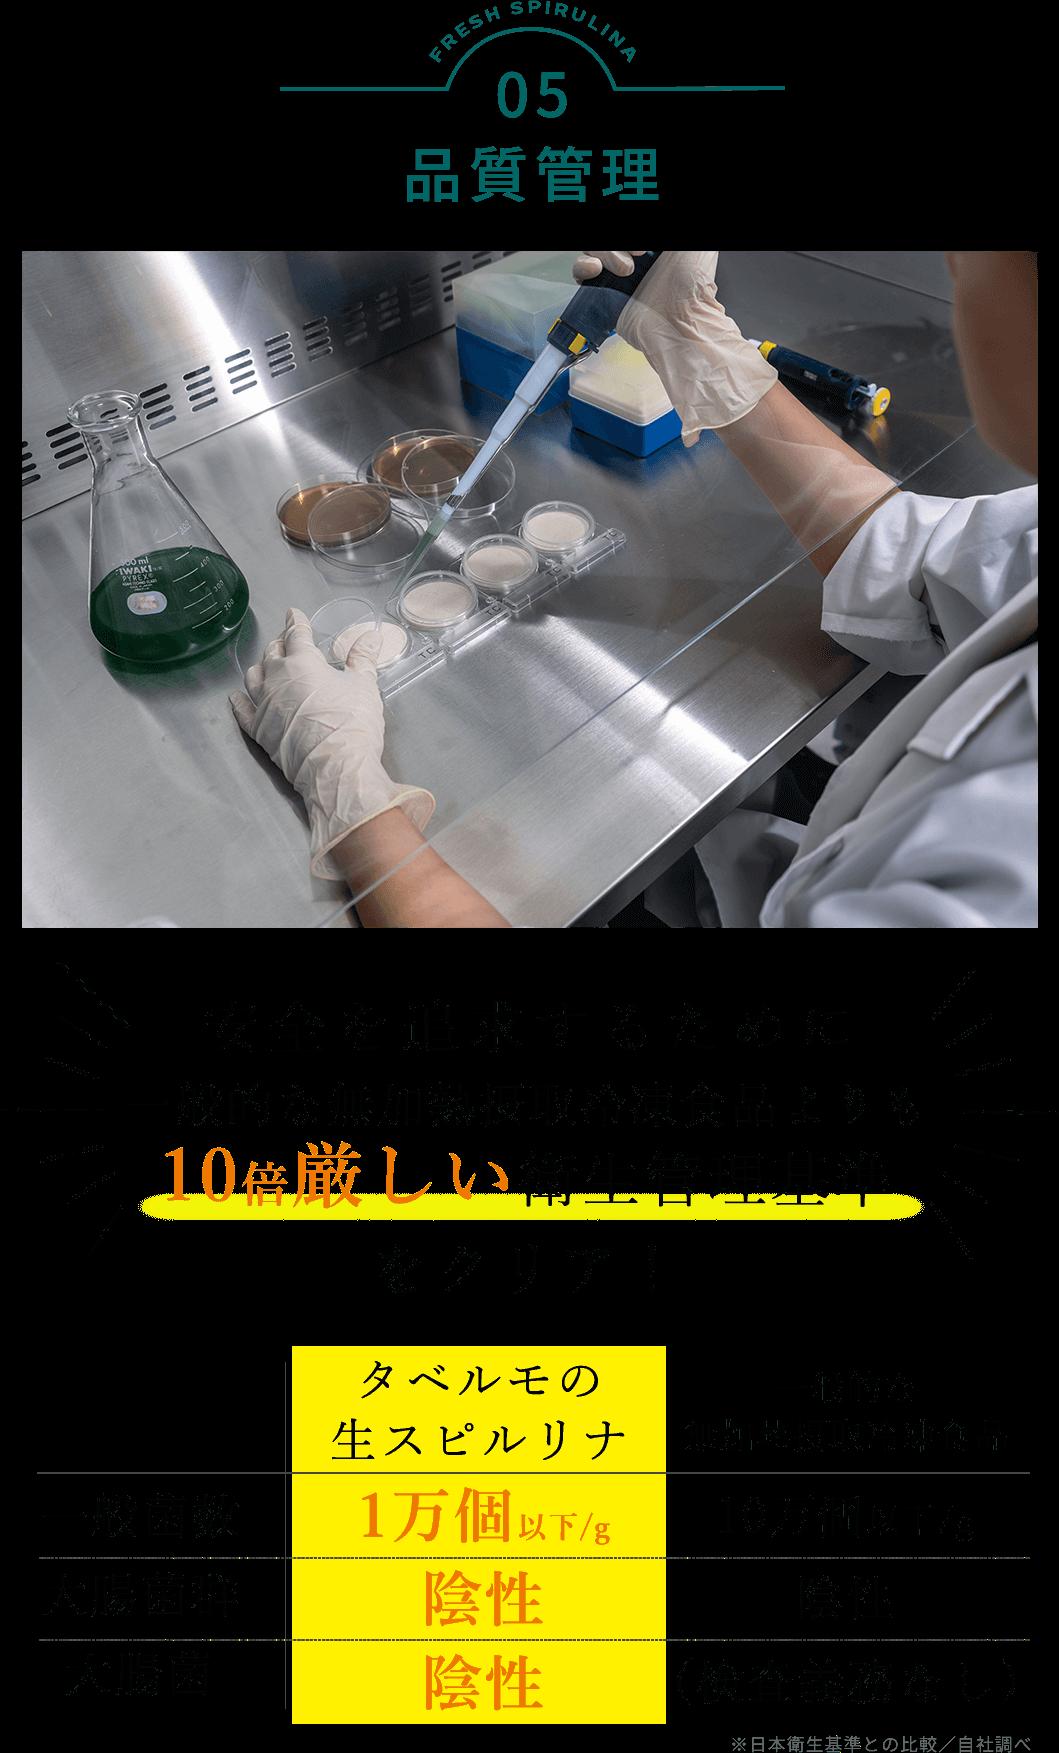 タベルモの生産 品質管理